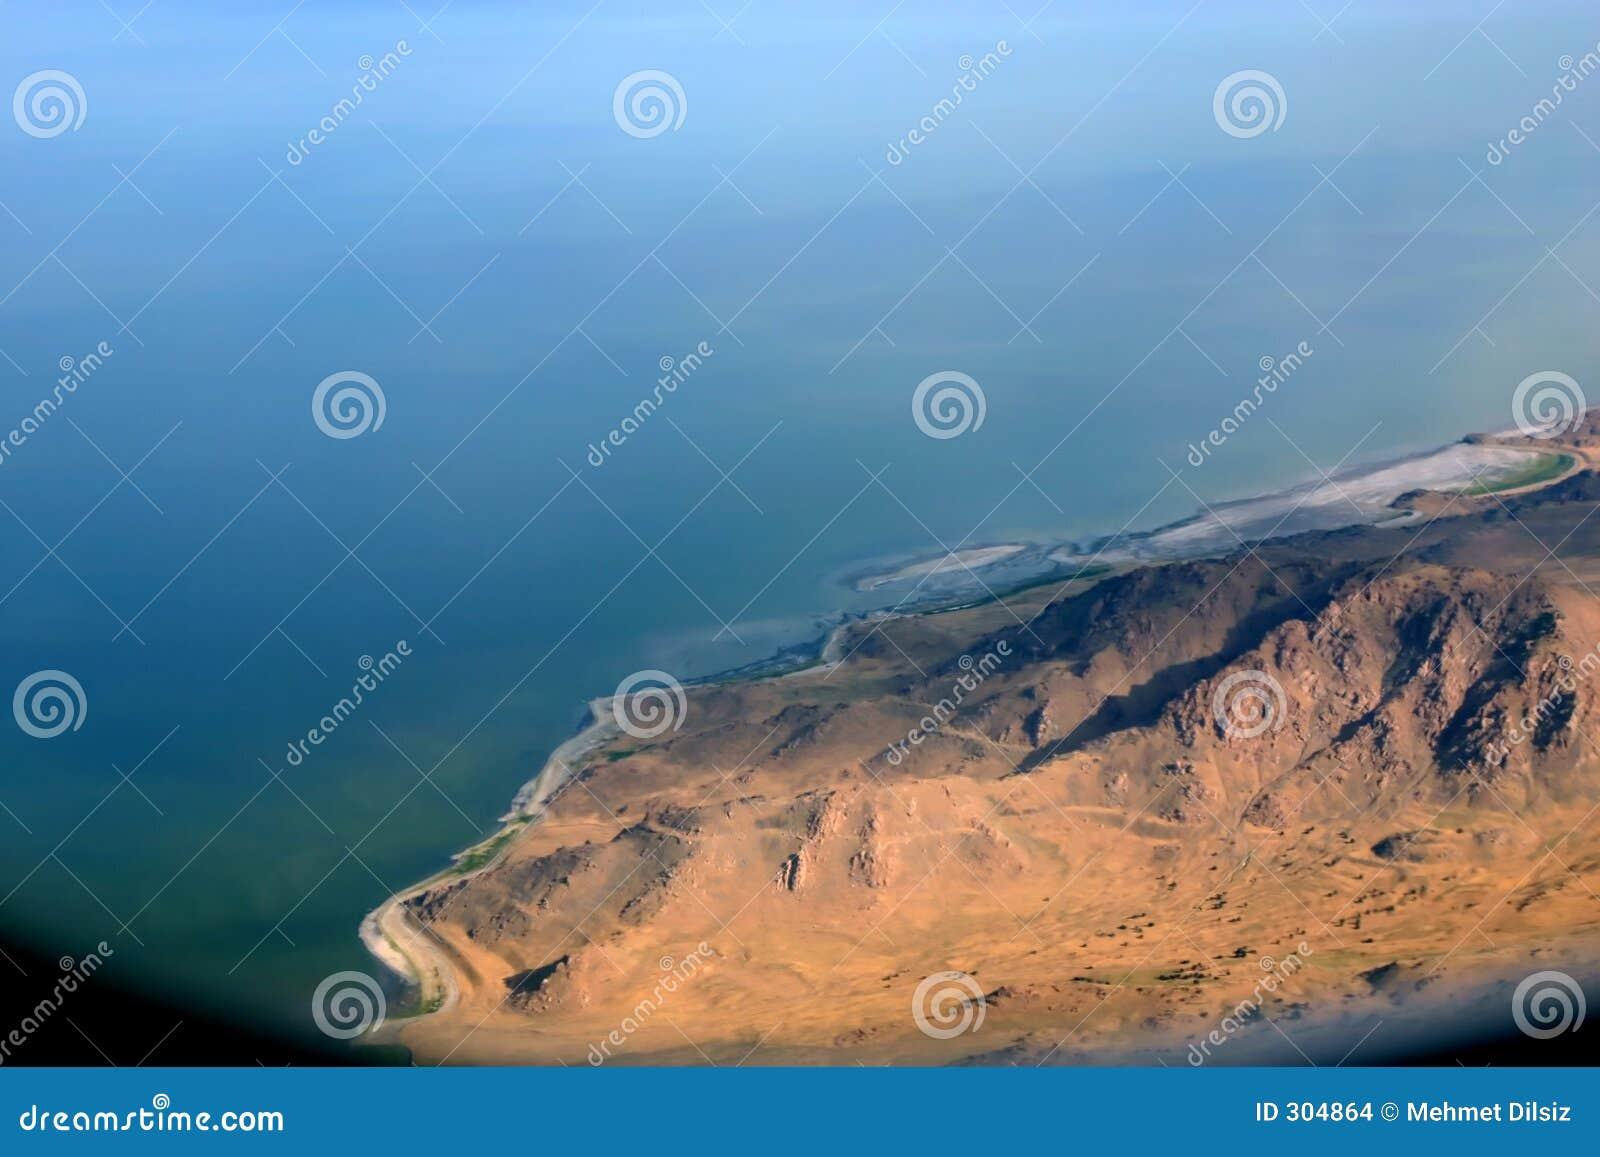 Jezioro sól pominięto miasta